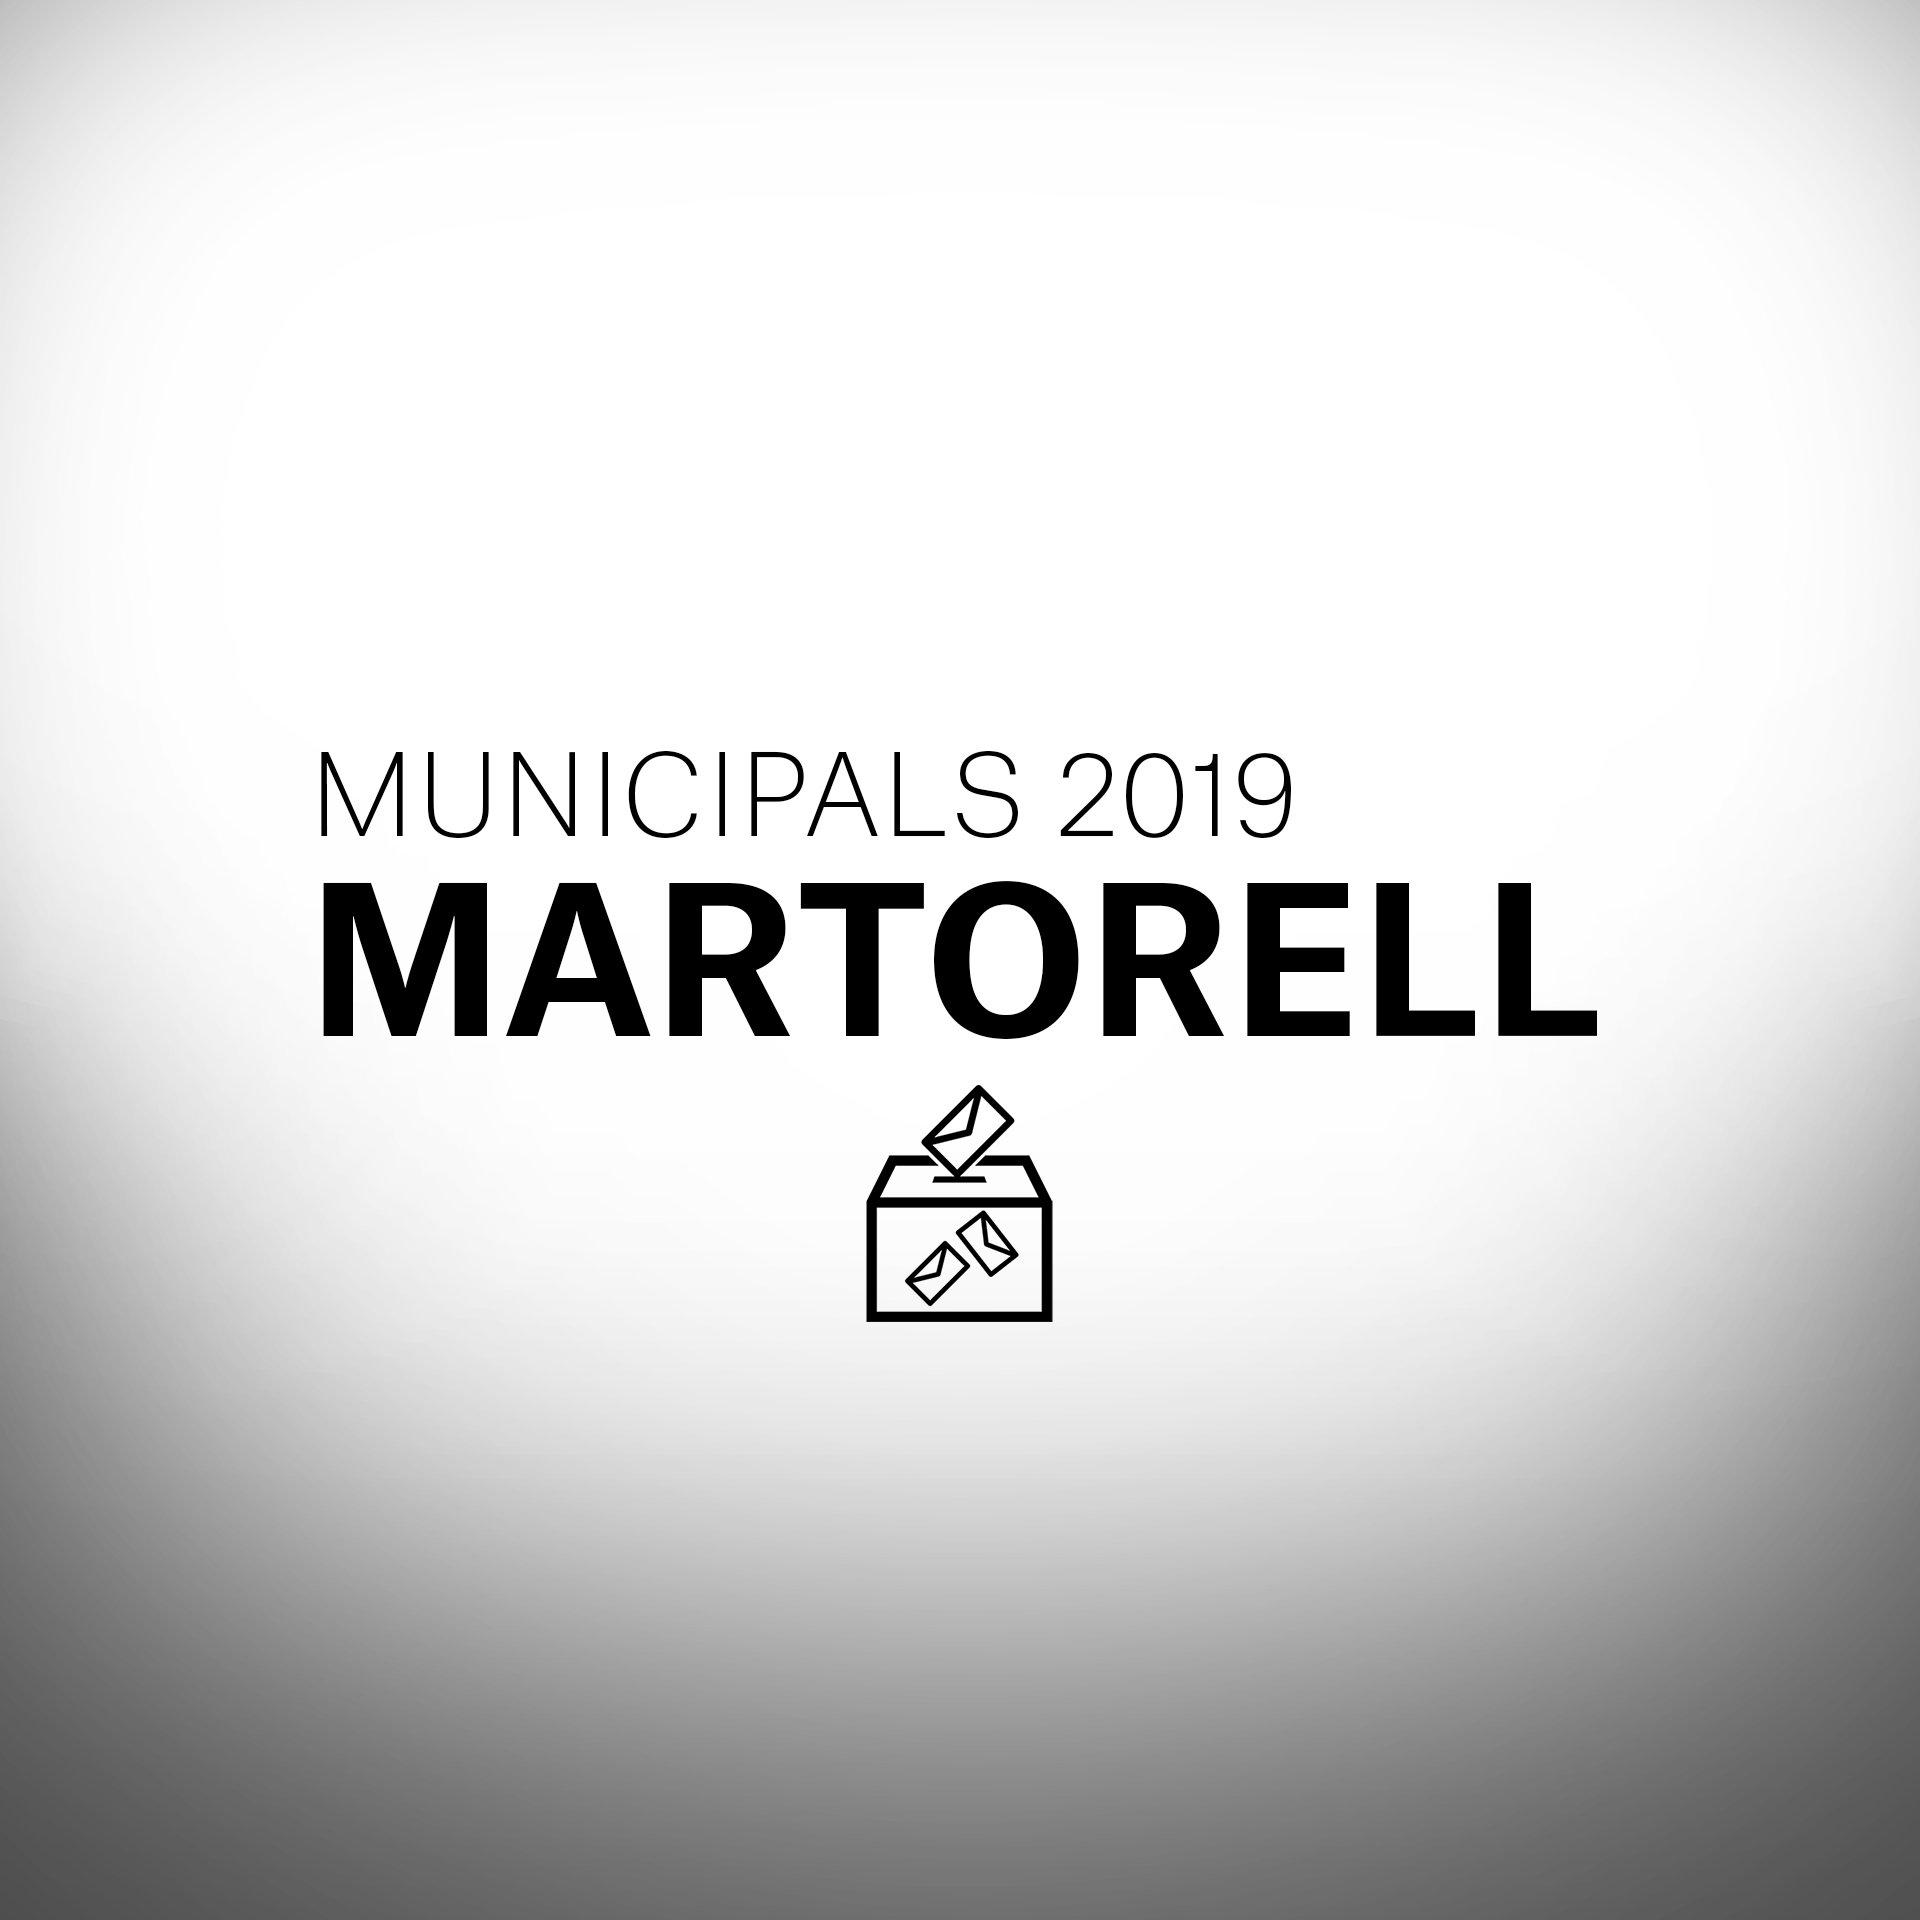 Card Municipals 2019 Martorell